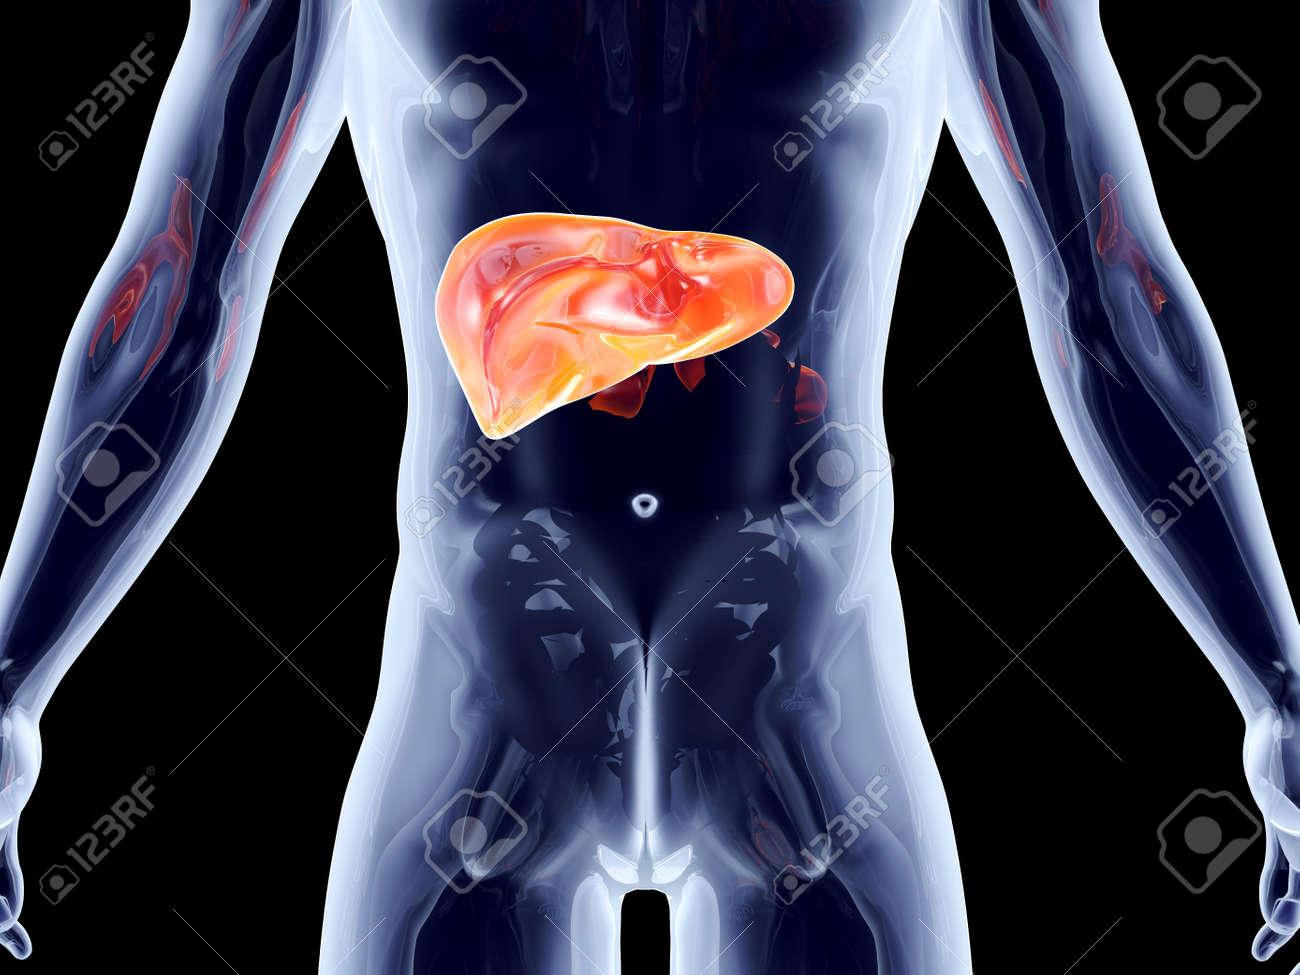 El Hígado. 3D Representa La Ilustración Anatómica. Fotos, Retratos ...